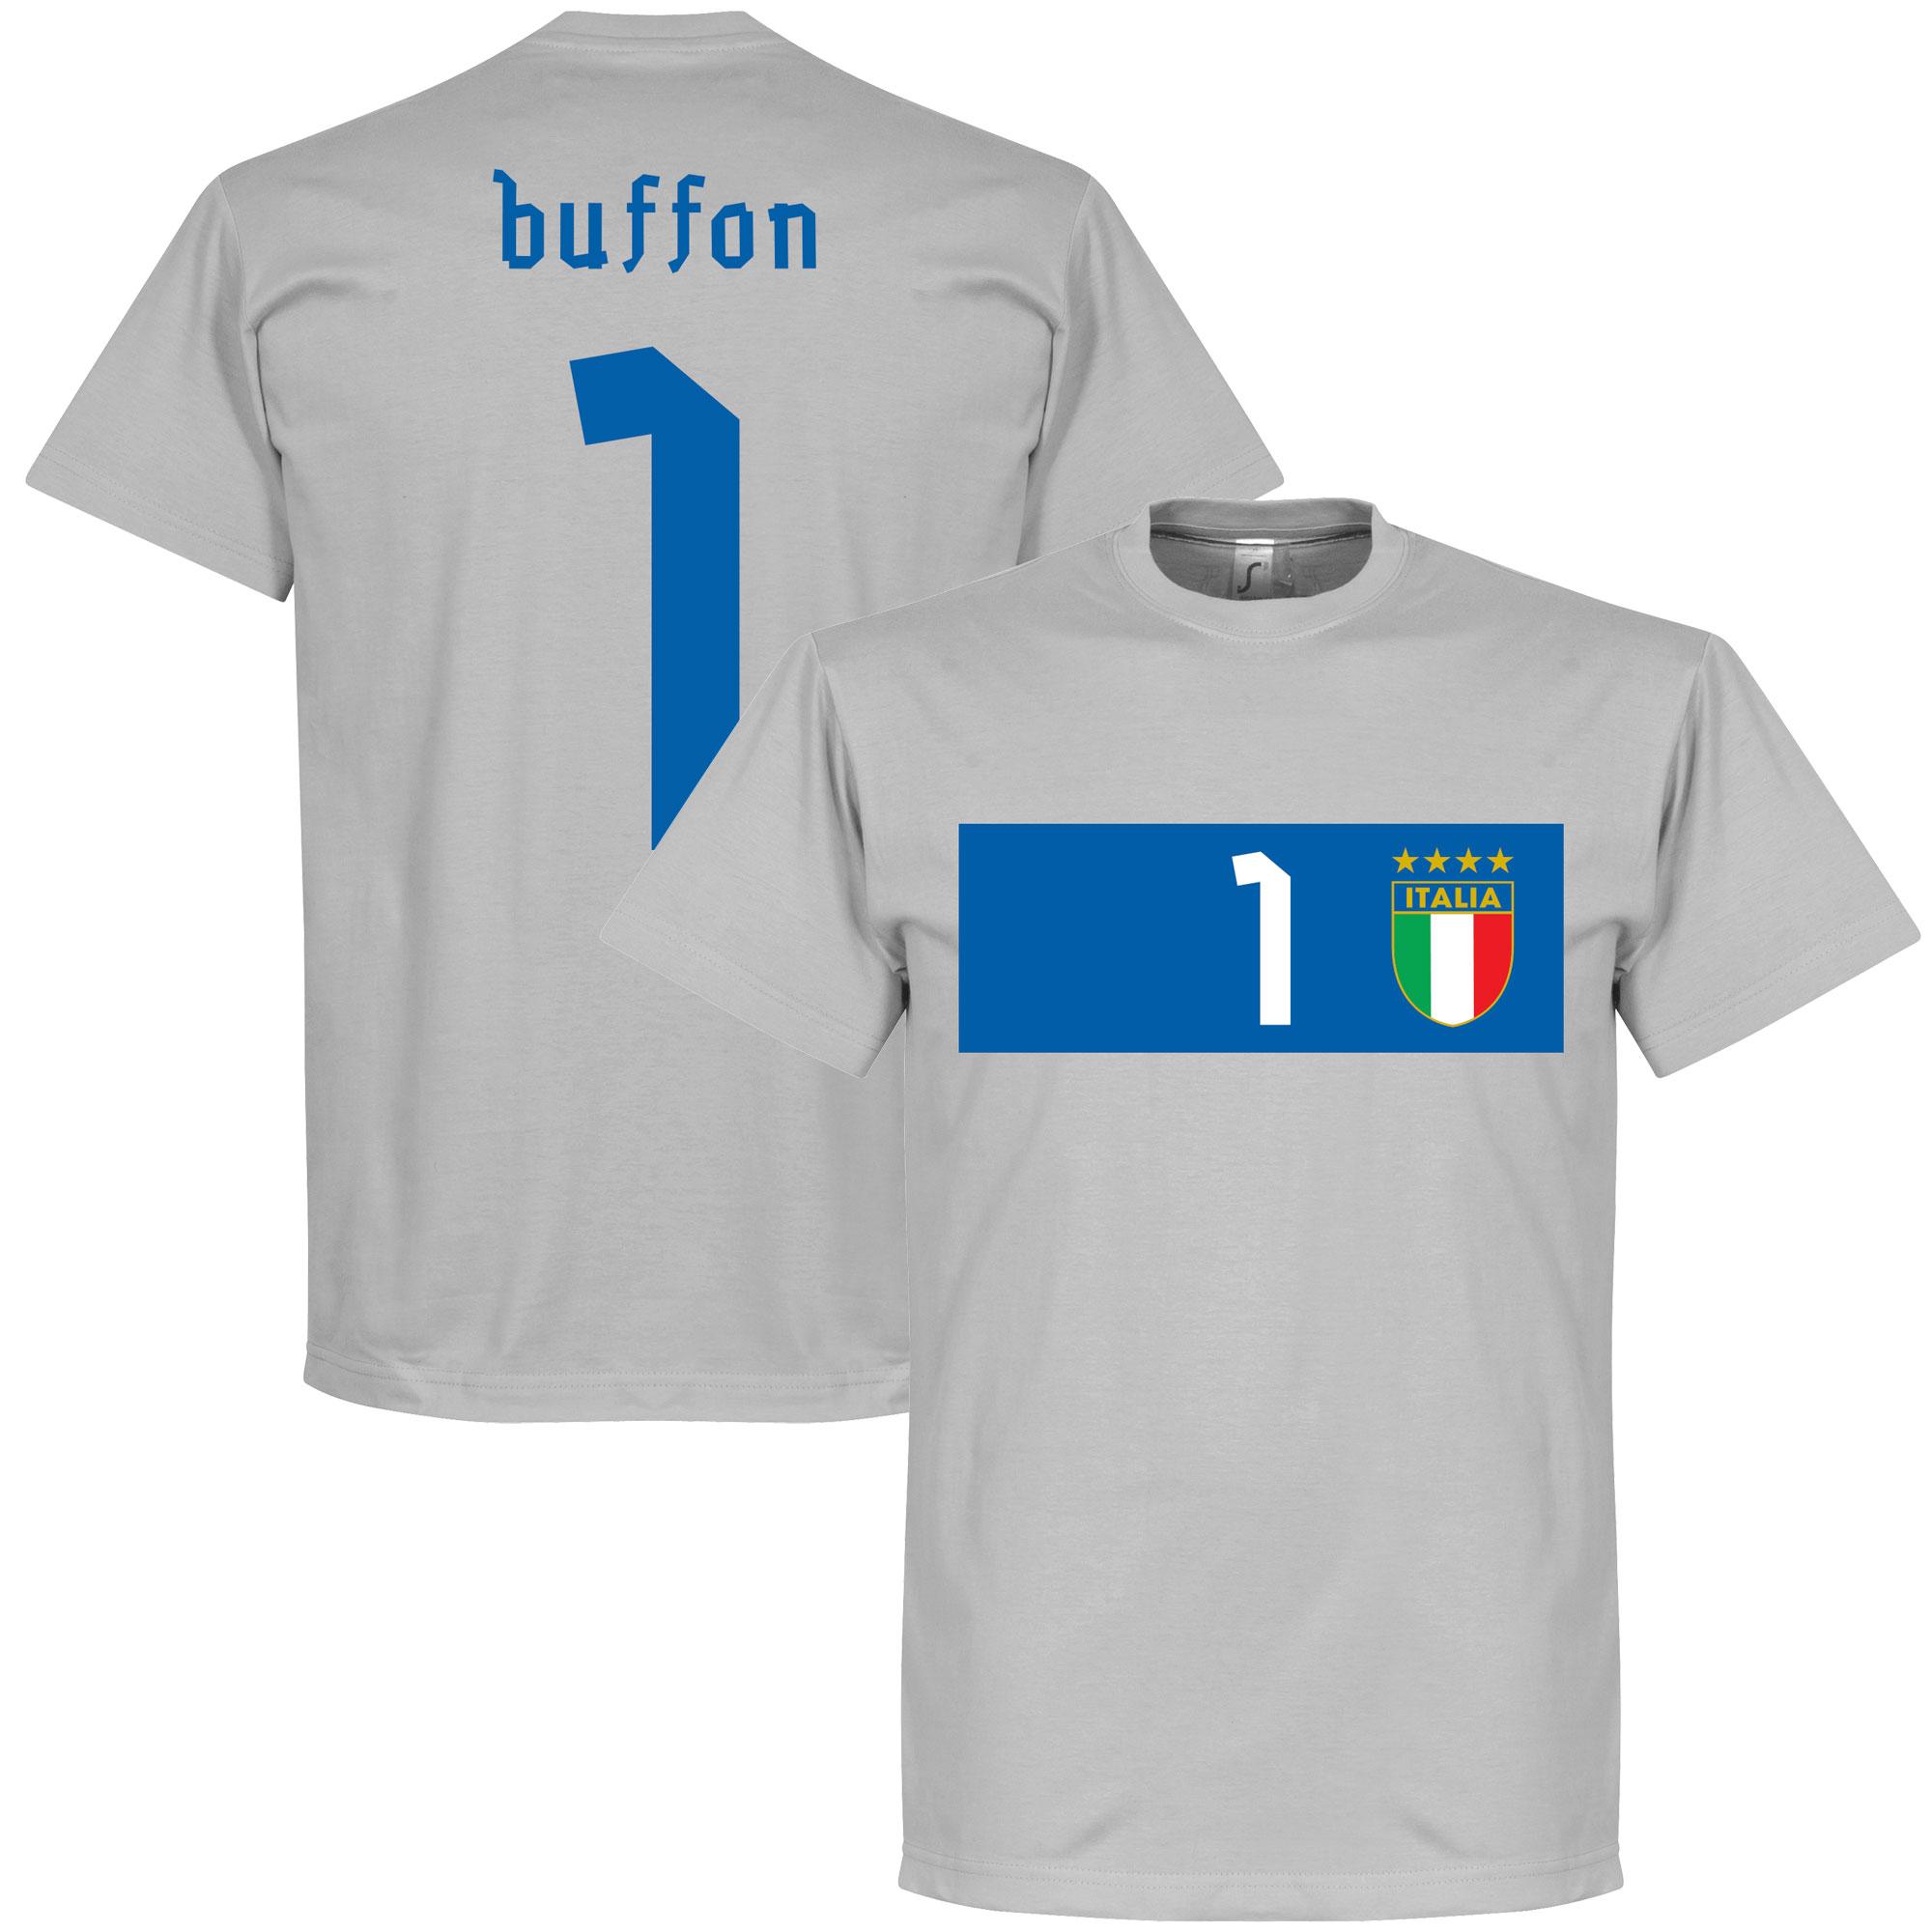 Italy Buffon Banner Tee - Grey - XXL